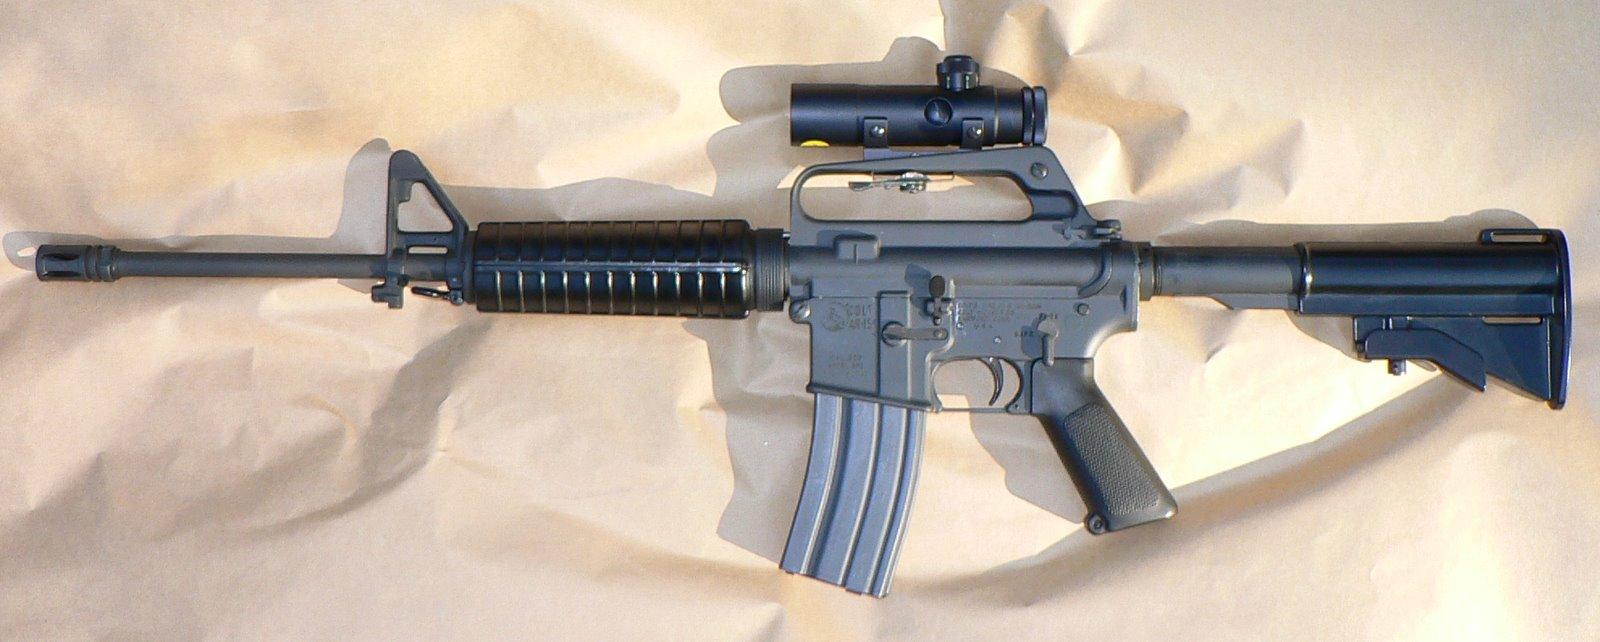 AR-15 Sporter SP1 Carbine.JPG